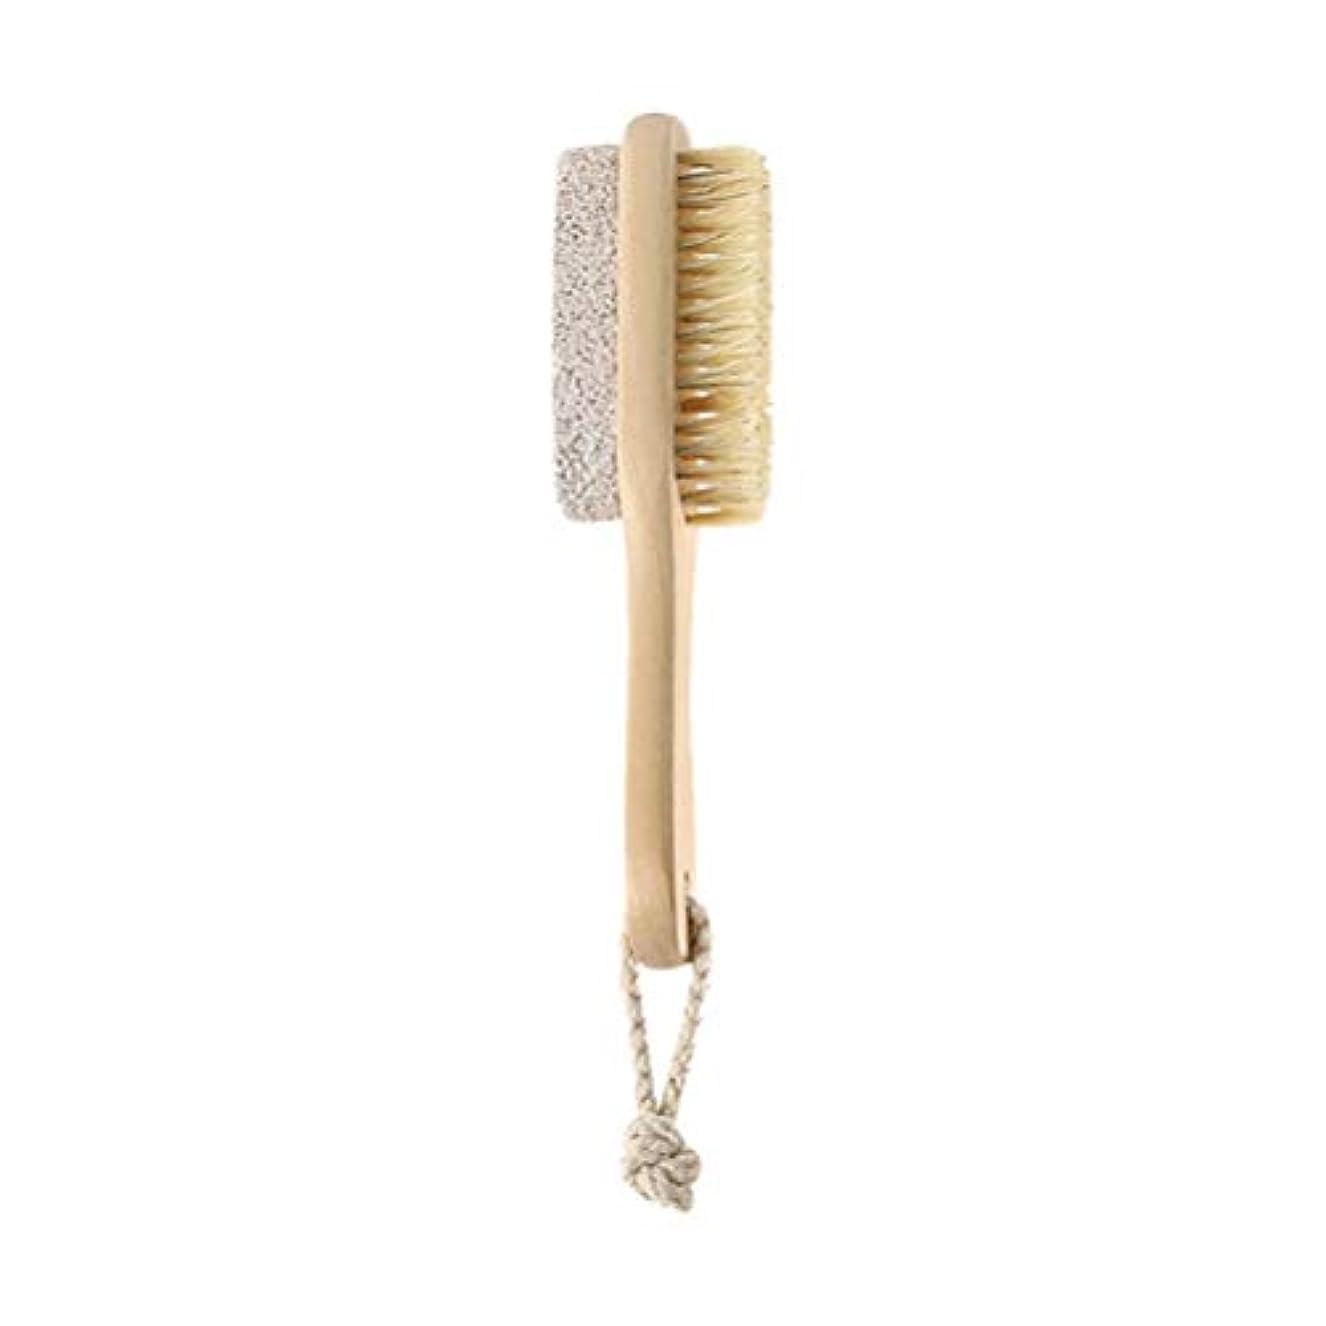 早める電卓甲虫HEALIFTY 自然な毛の足のやすりやすりのブラシの軽石の石のカルスの除去剤木製のハンドルが付いている死んだ皮の除去剤